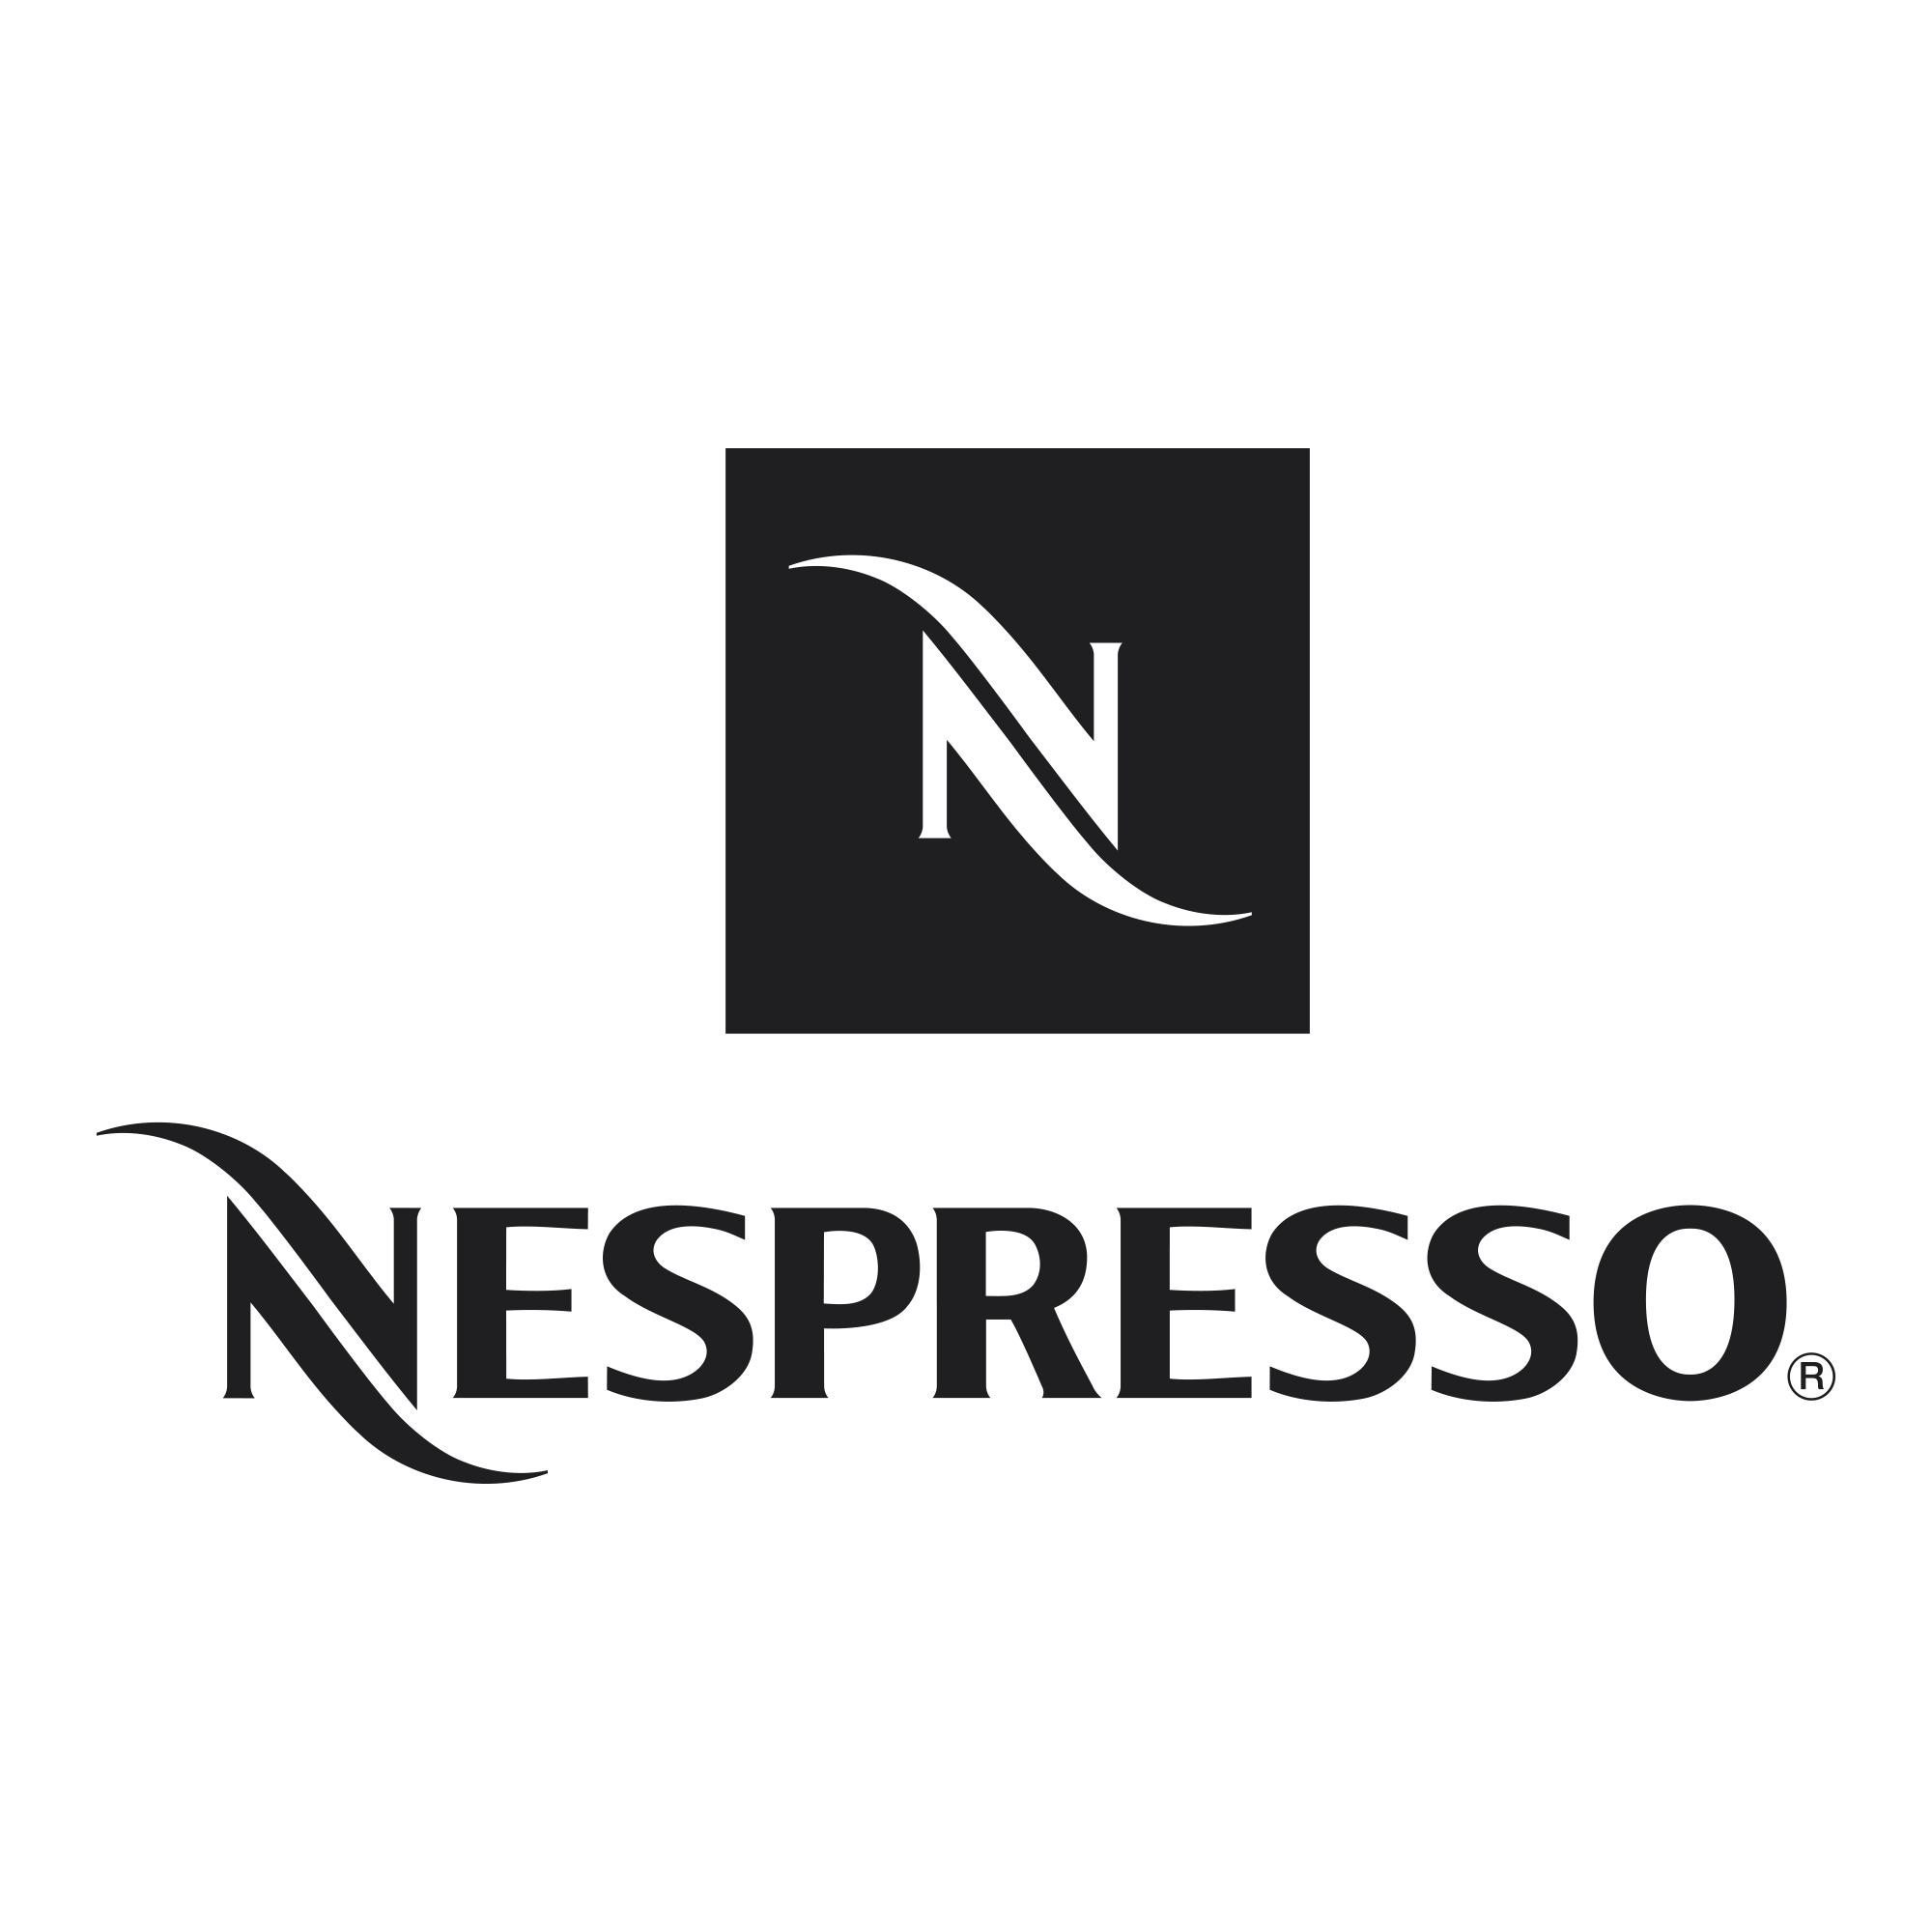 [Membres Club] De 7h à 10h : jusqu'à 20% de réduction sur votre commande café